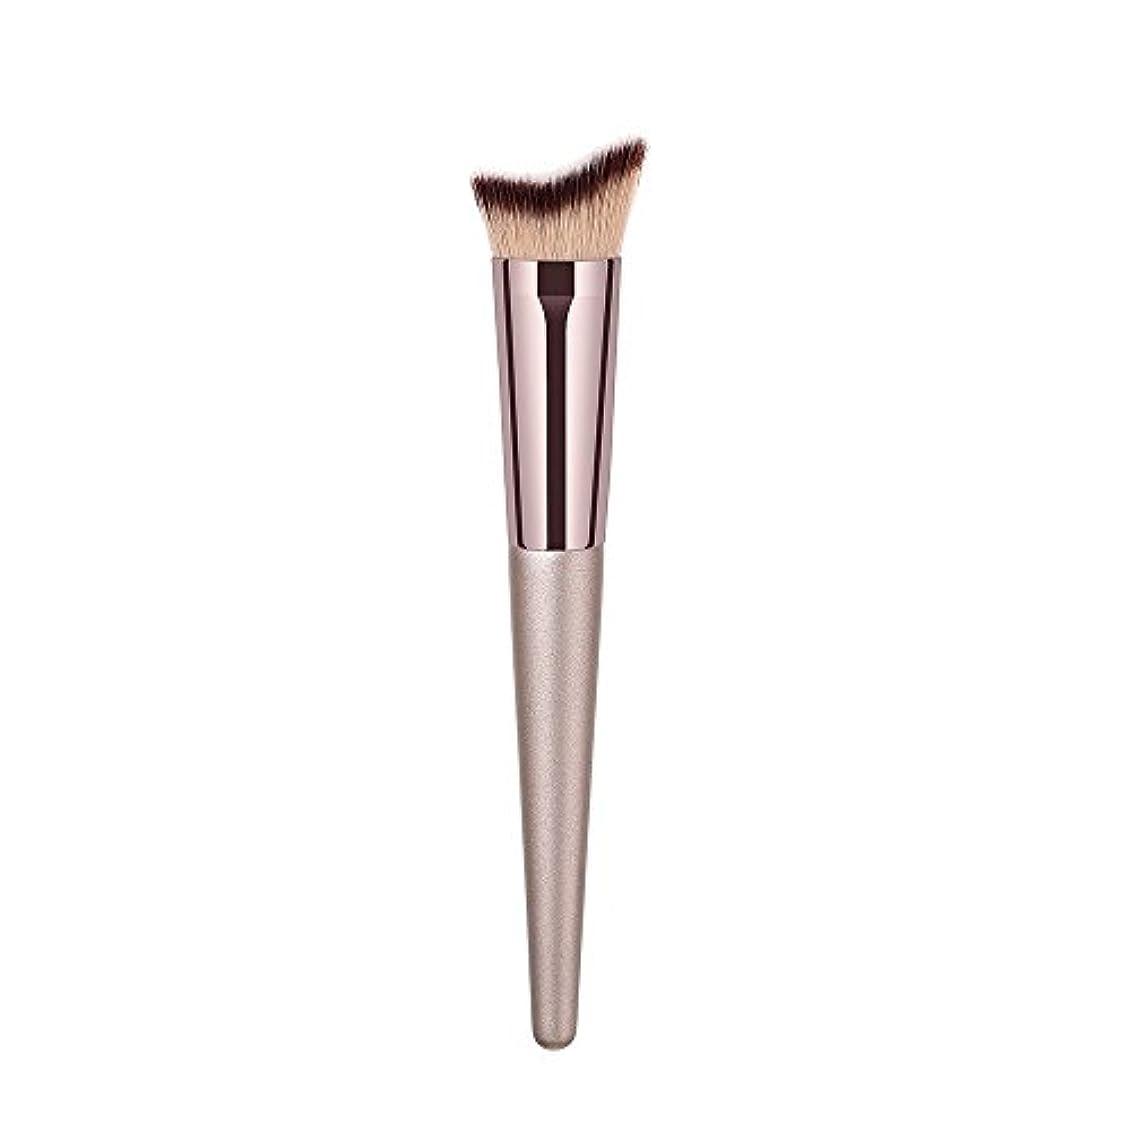 無傷ラメグラディス笑え熊 化粧筆 化粧品 ZZ-10-A-1 スポンジ タクロン ブラシ チーク ファンデーションブラシ フェイスブラシ 高級毛質